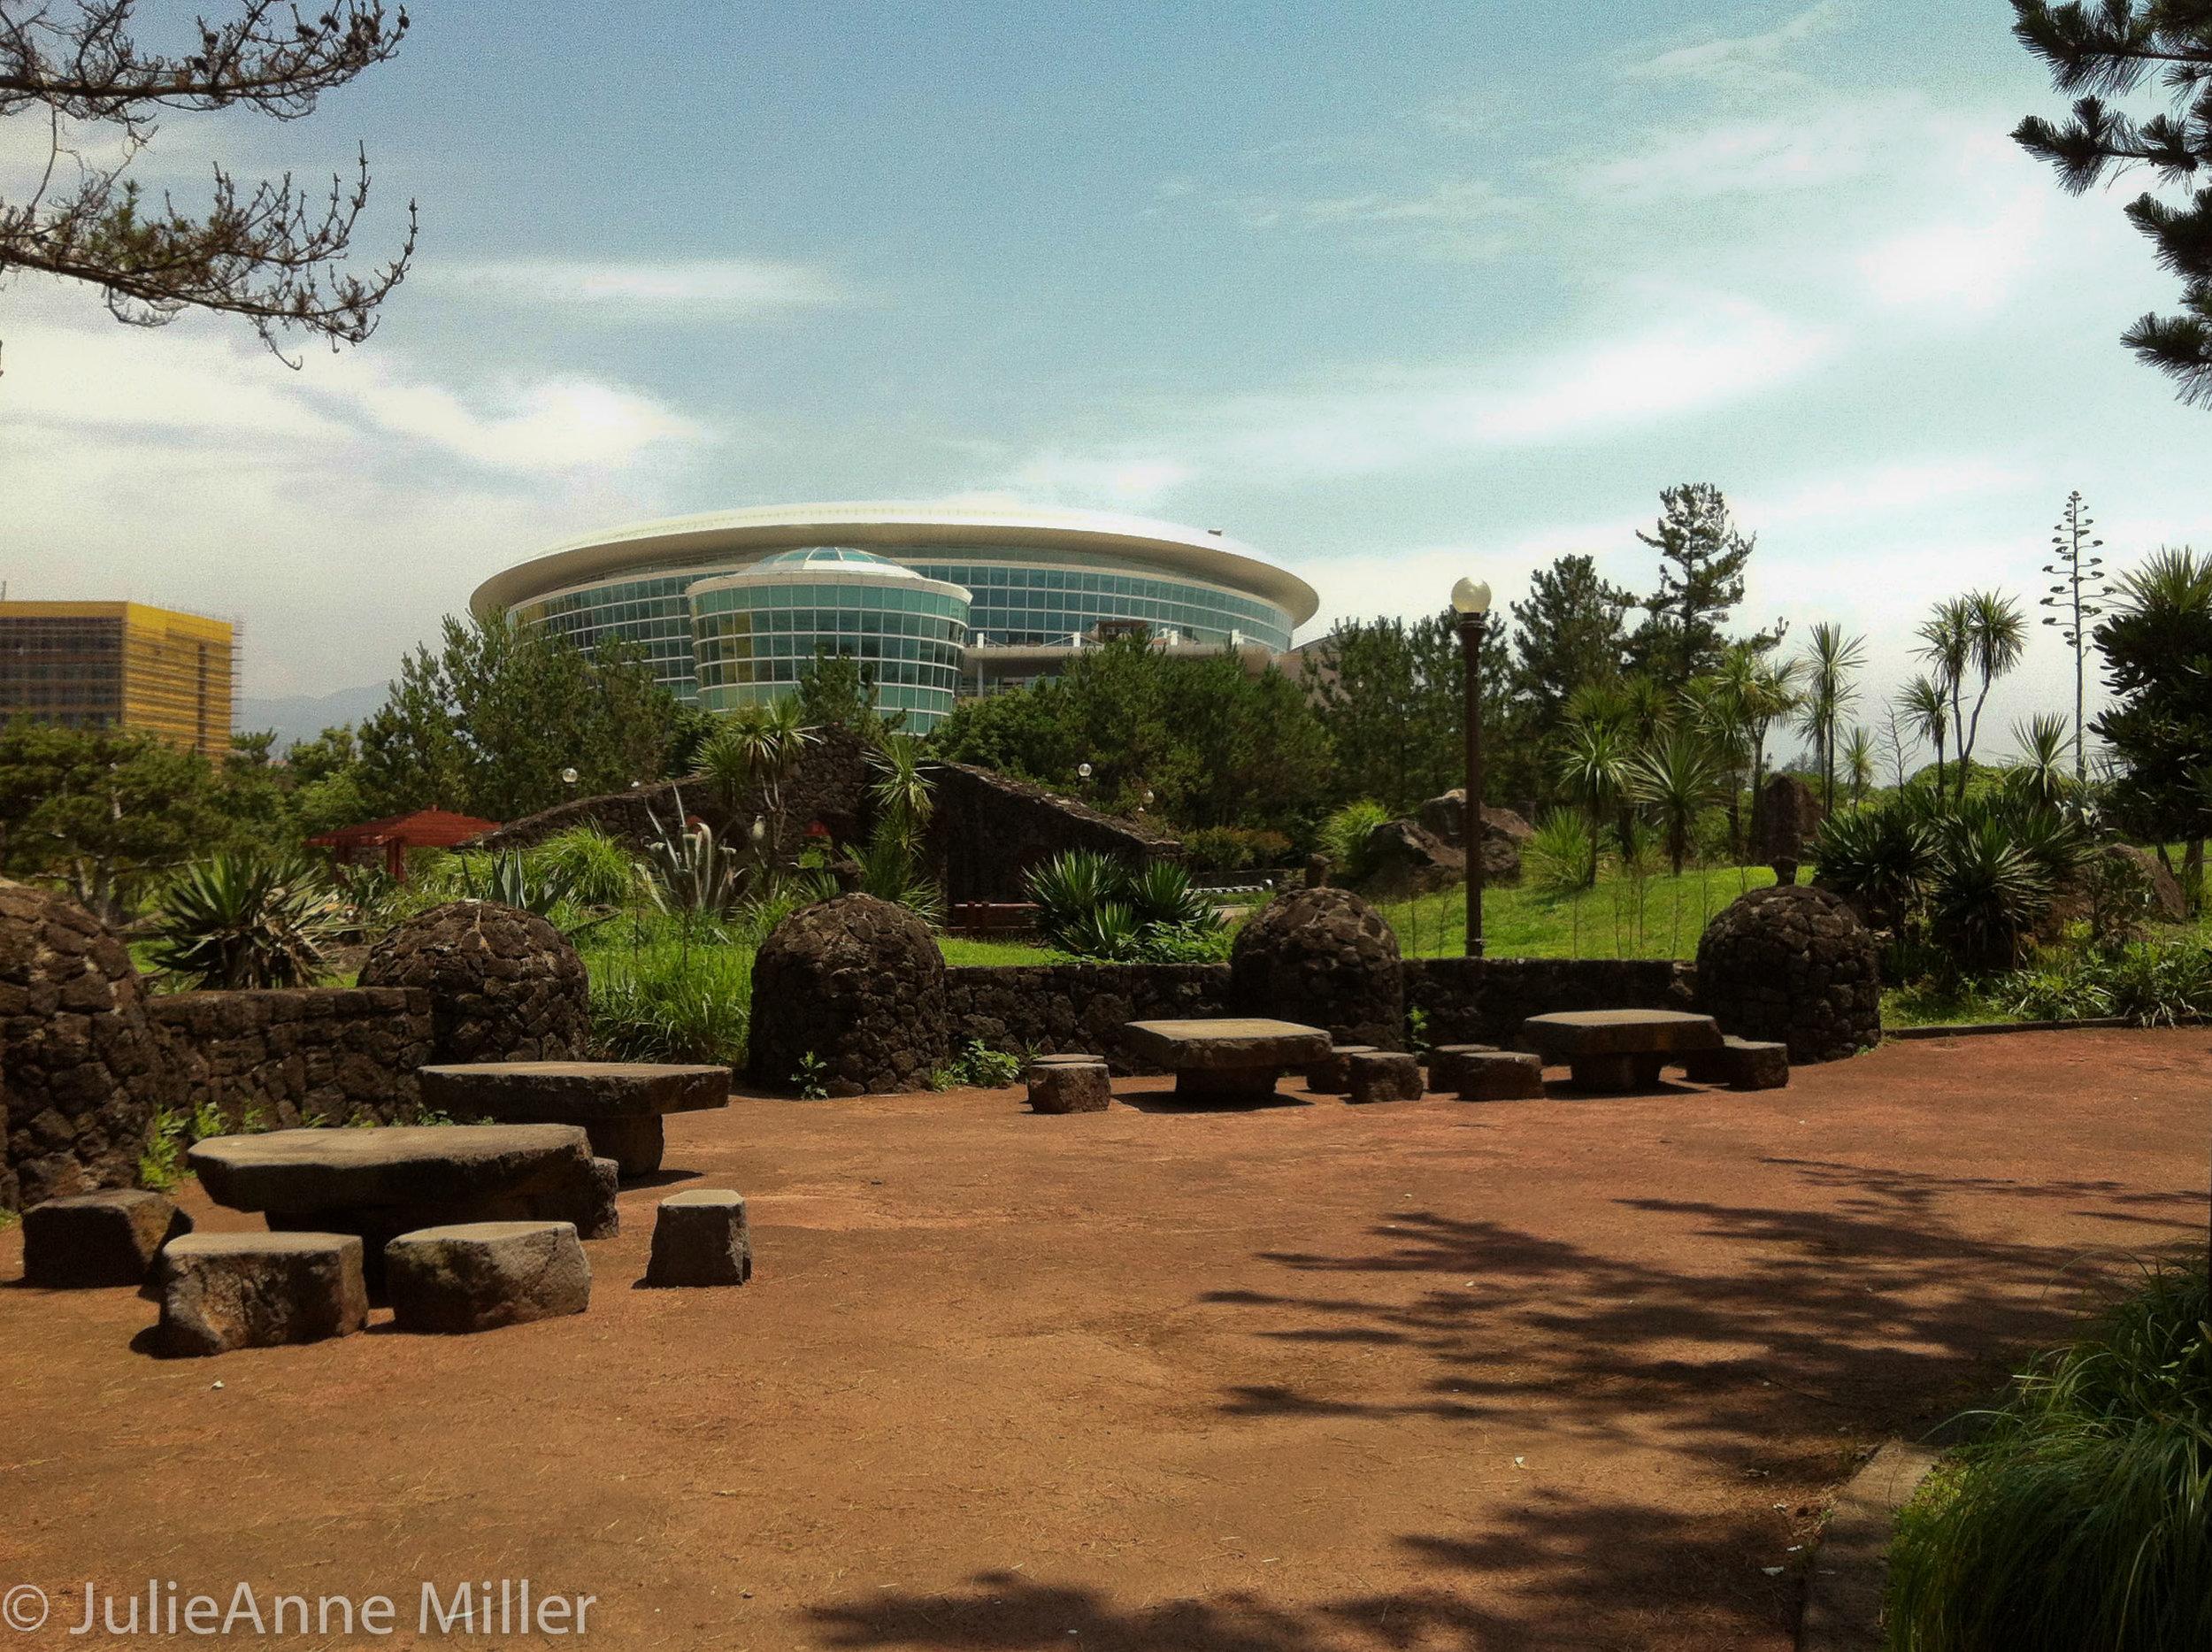 Jeju Convention Center 제주국제컨벤션센터